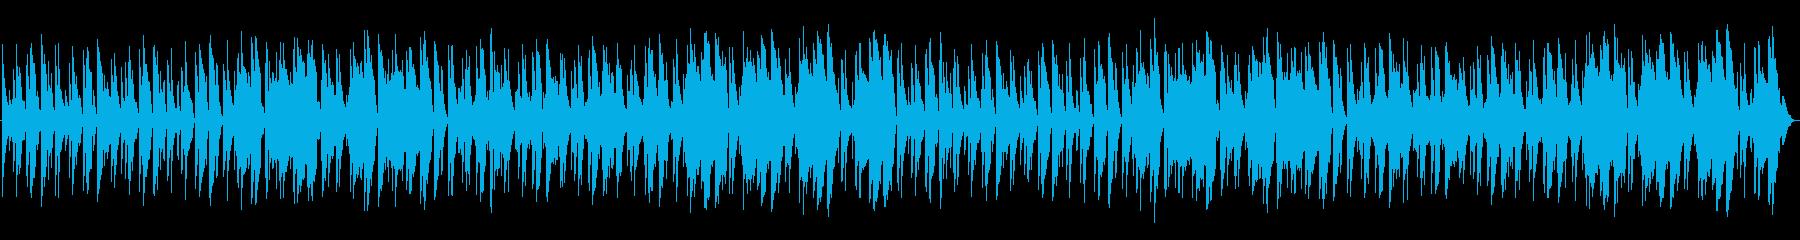 ほのぼの、コメディ系アコースティック日常の再生済みの波形